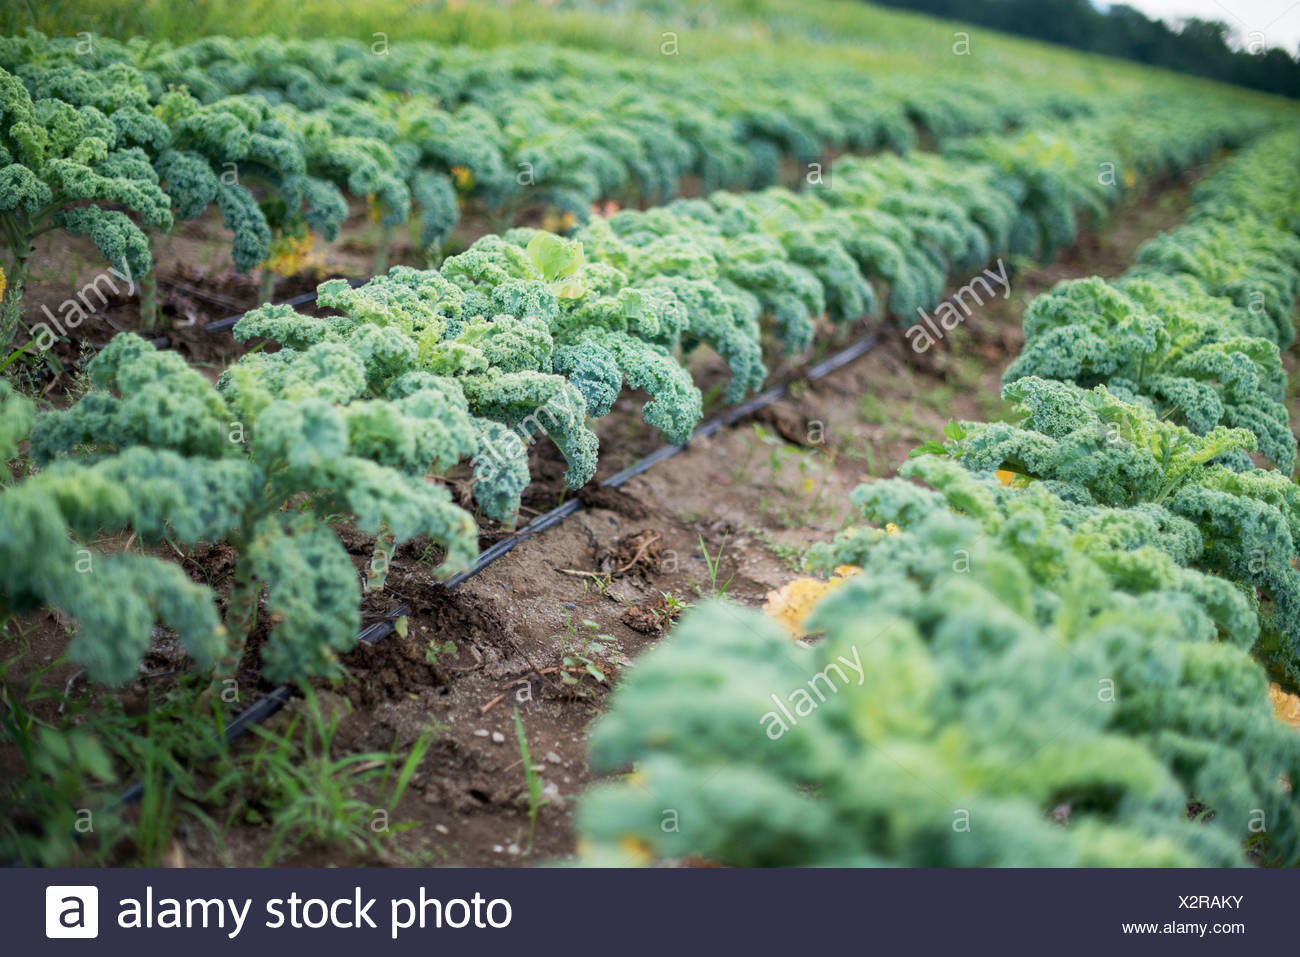 Filas de plantas de crecimiento vegetal rizada verde en una granja orgánica. Imagen De Stock